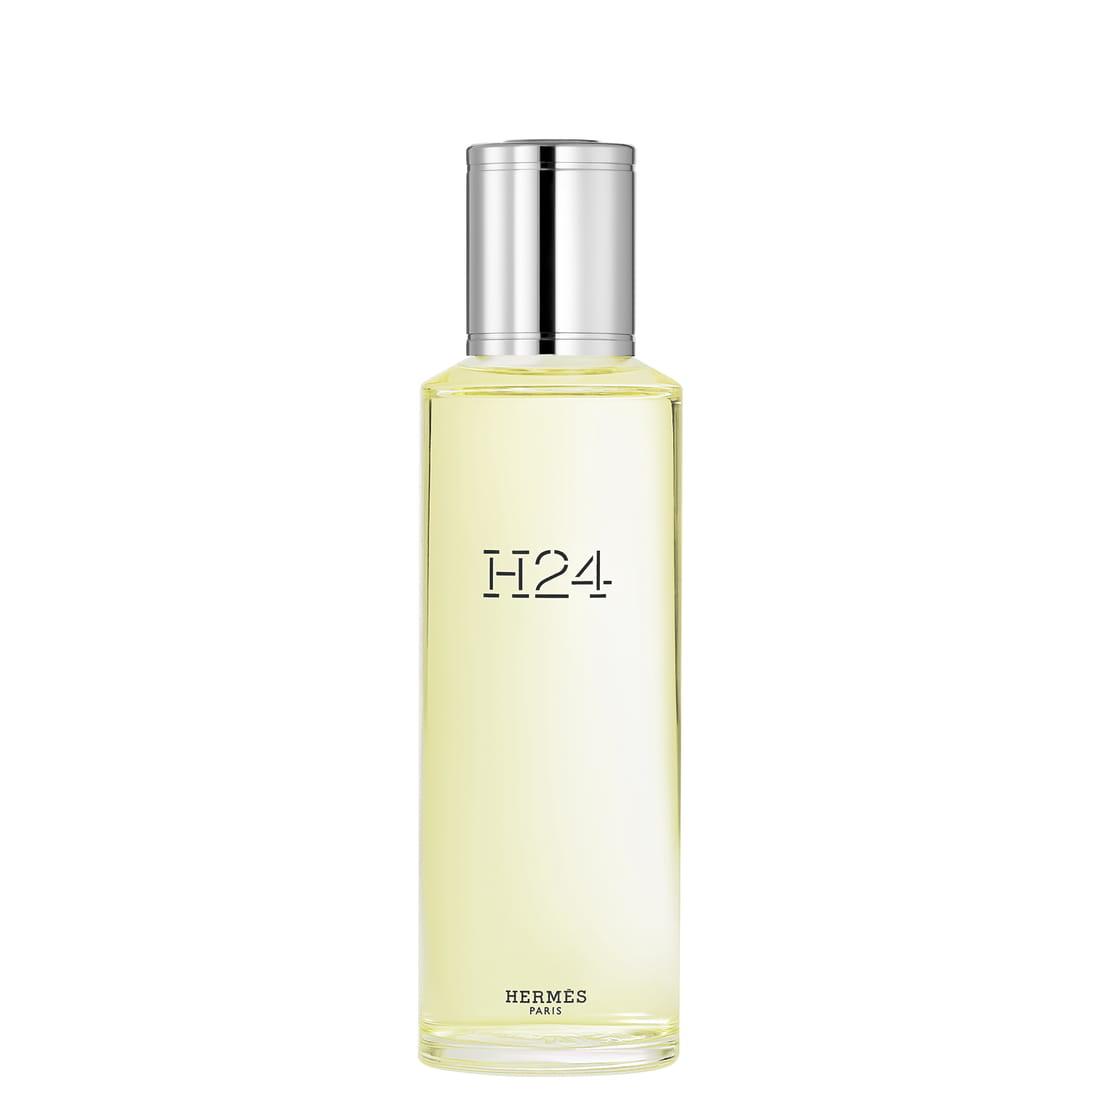 Hermès H24 - Recharge Eau de Toilette